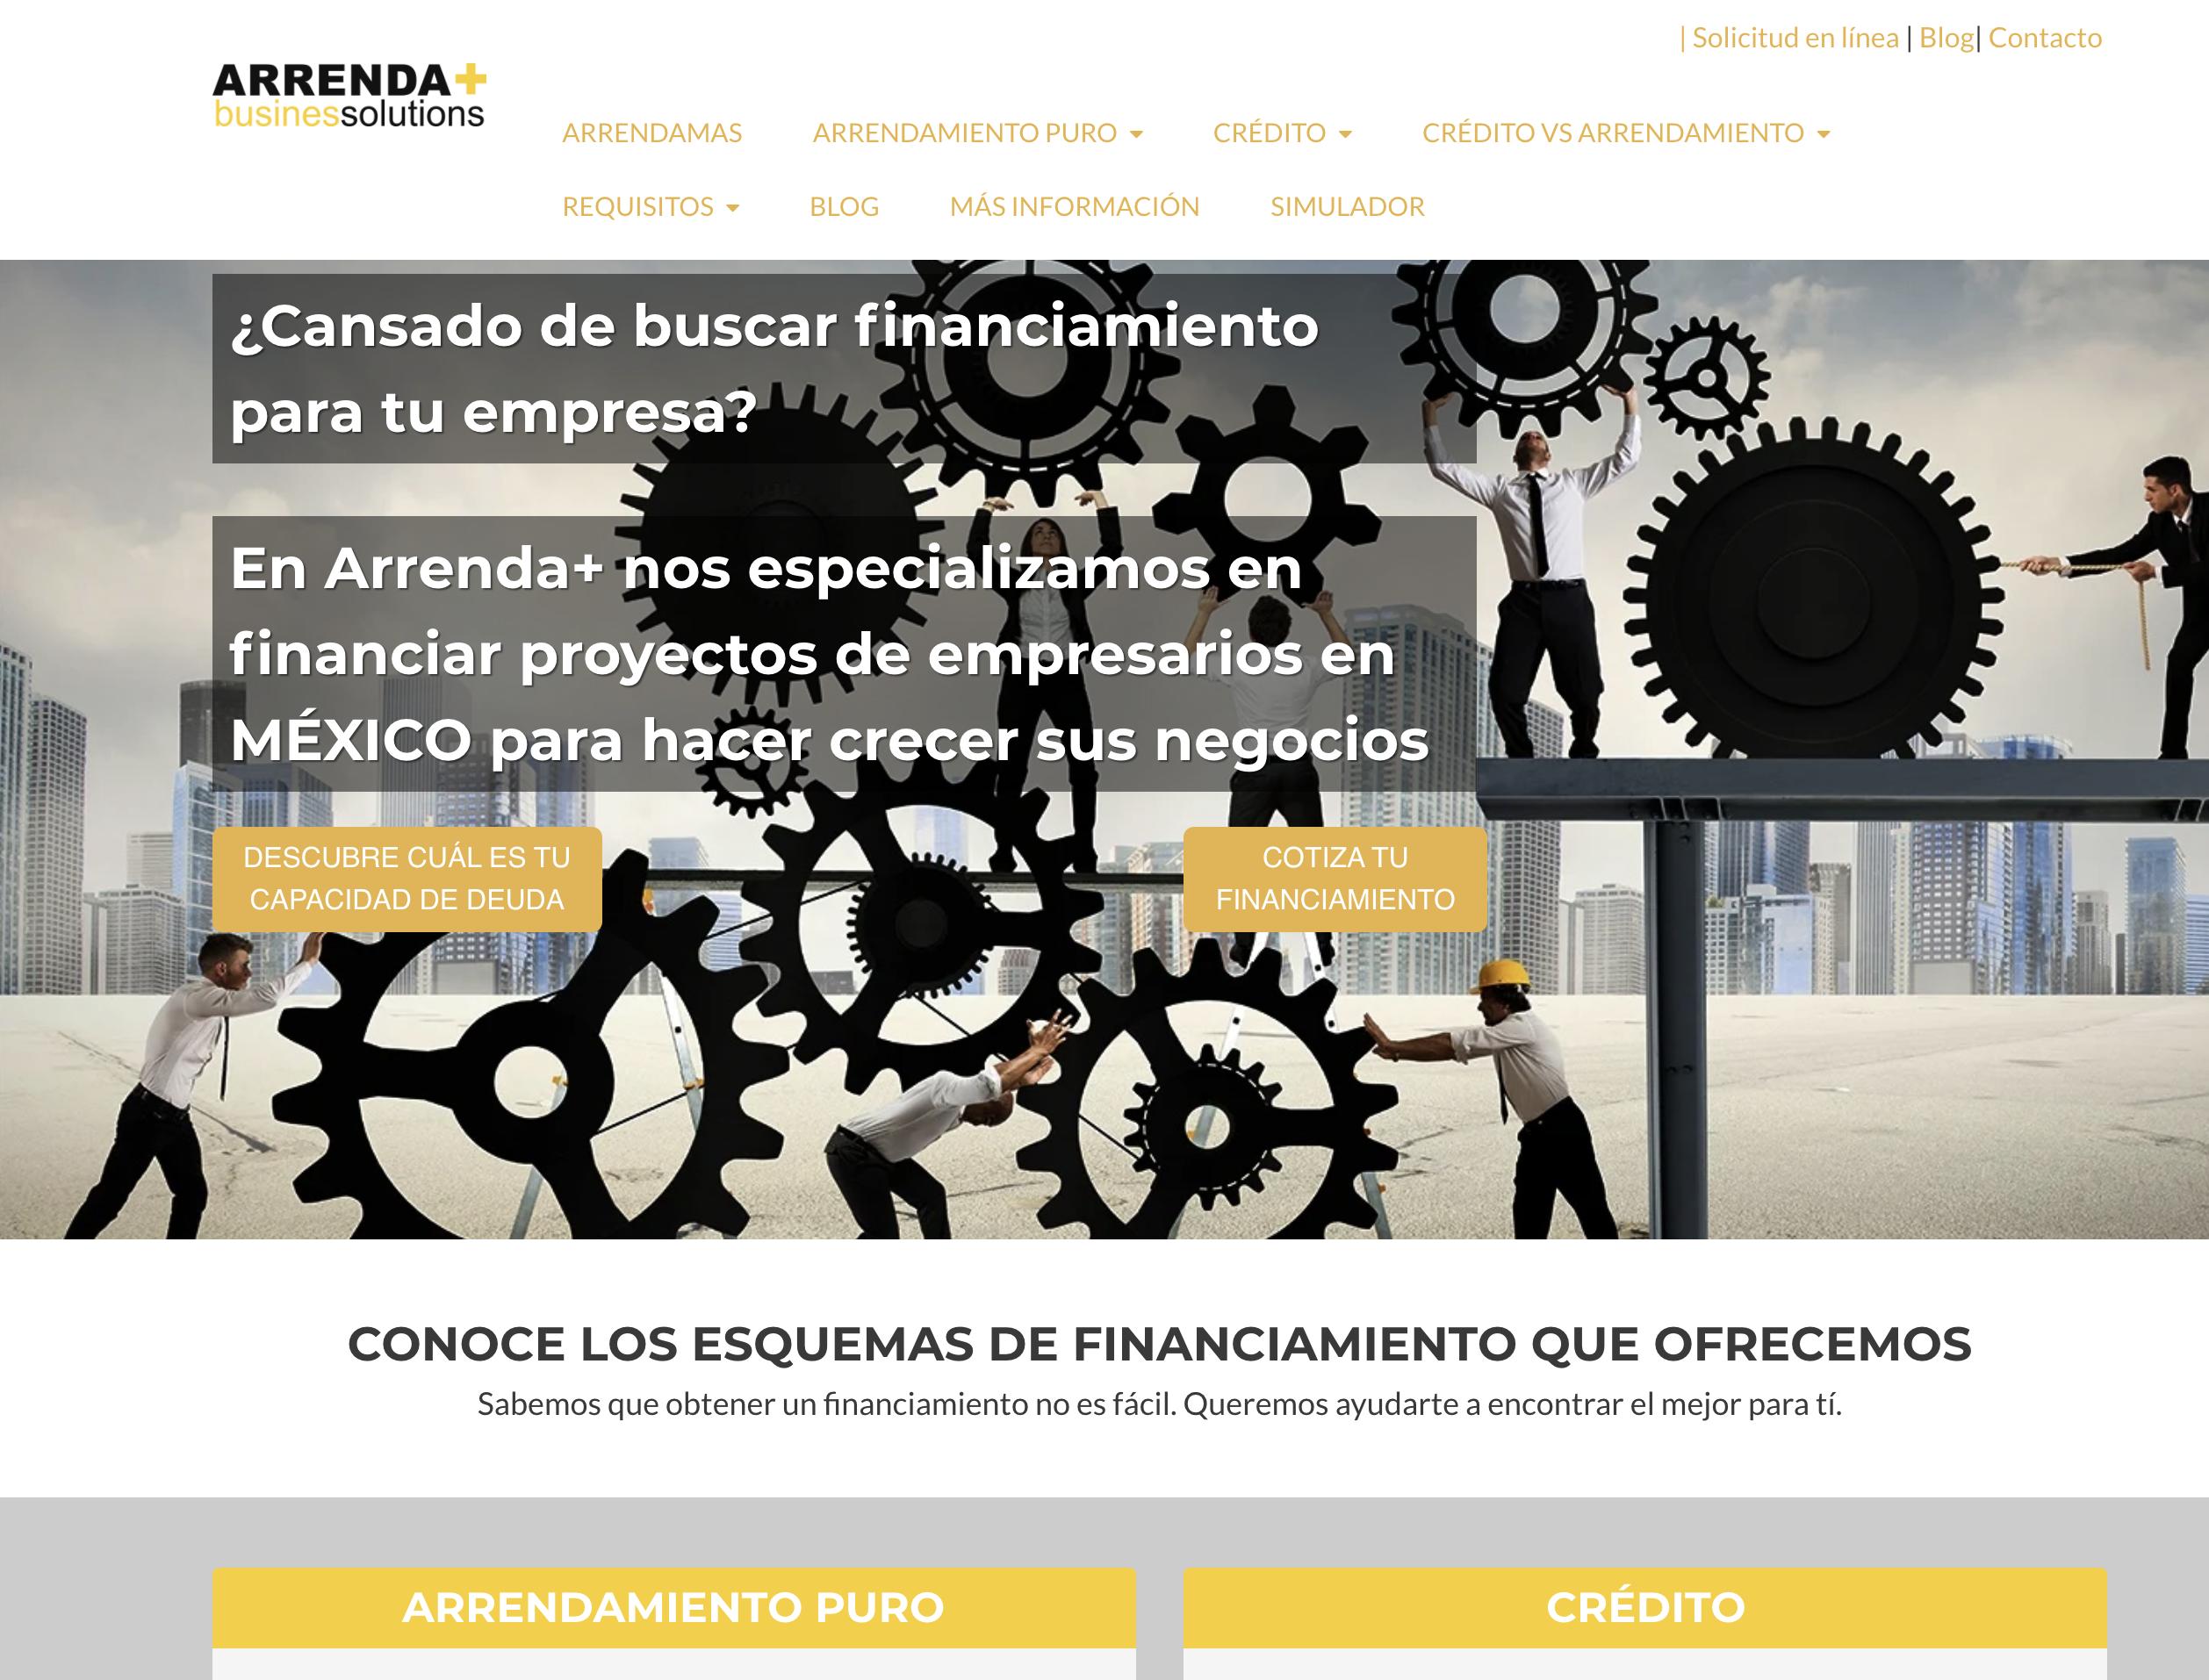 Arrenda+ website